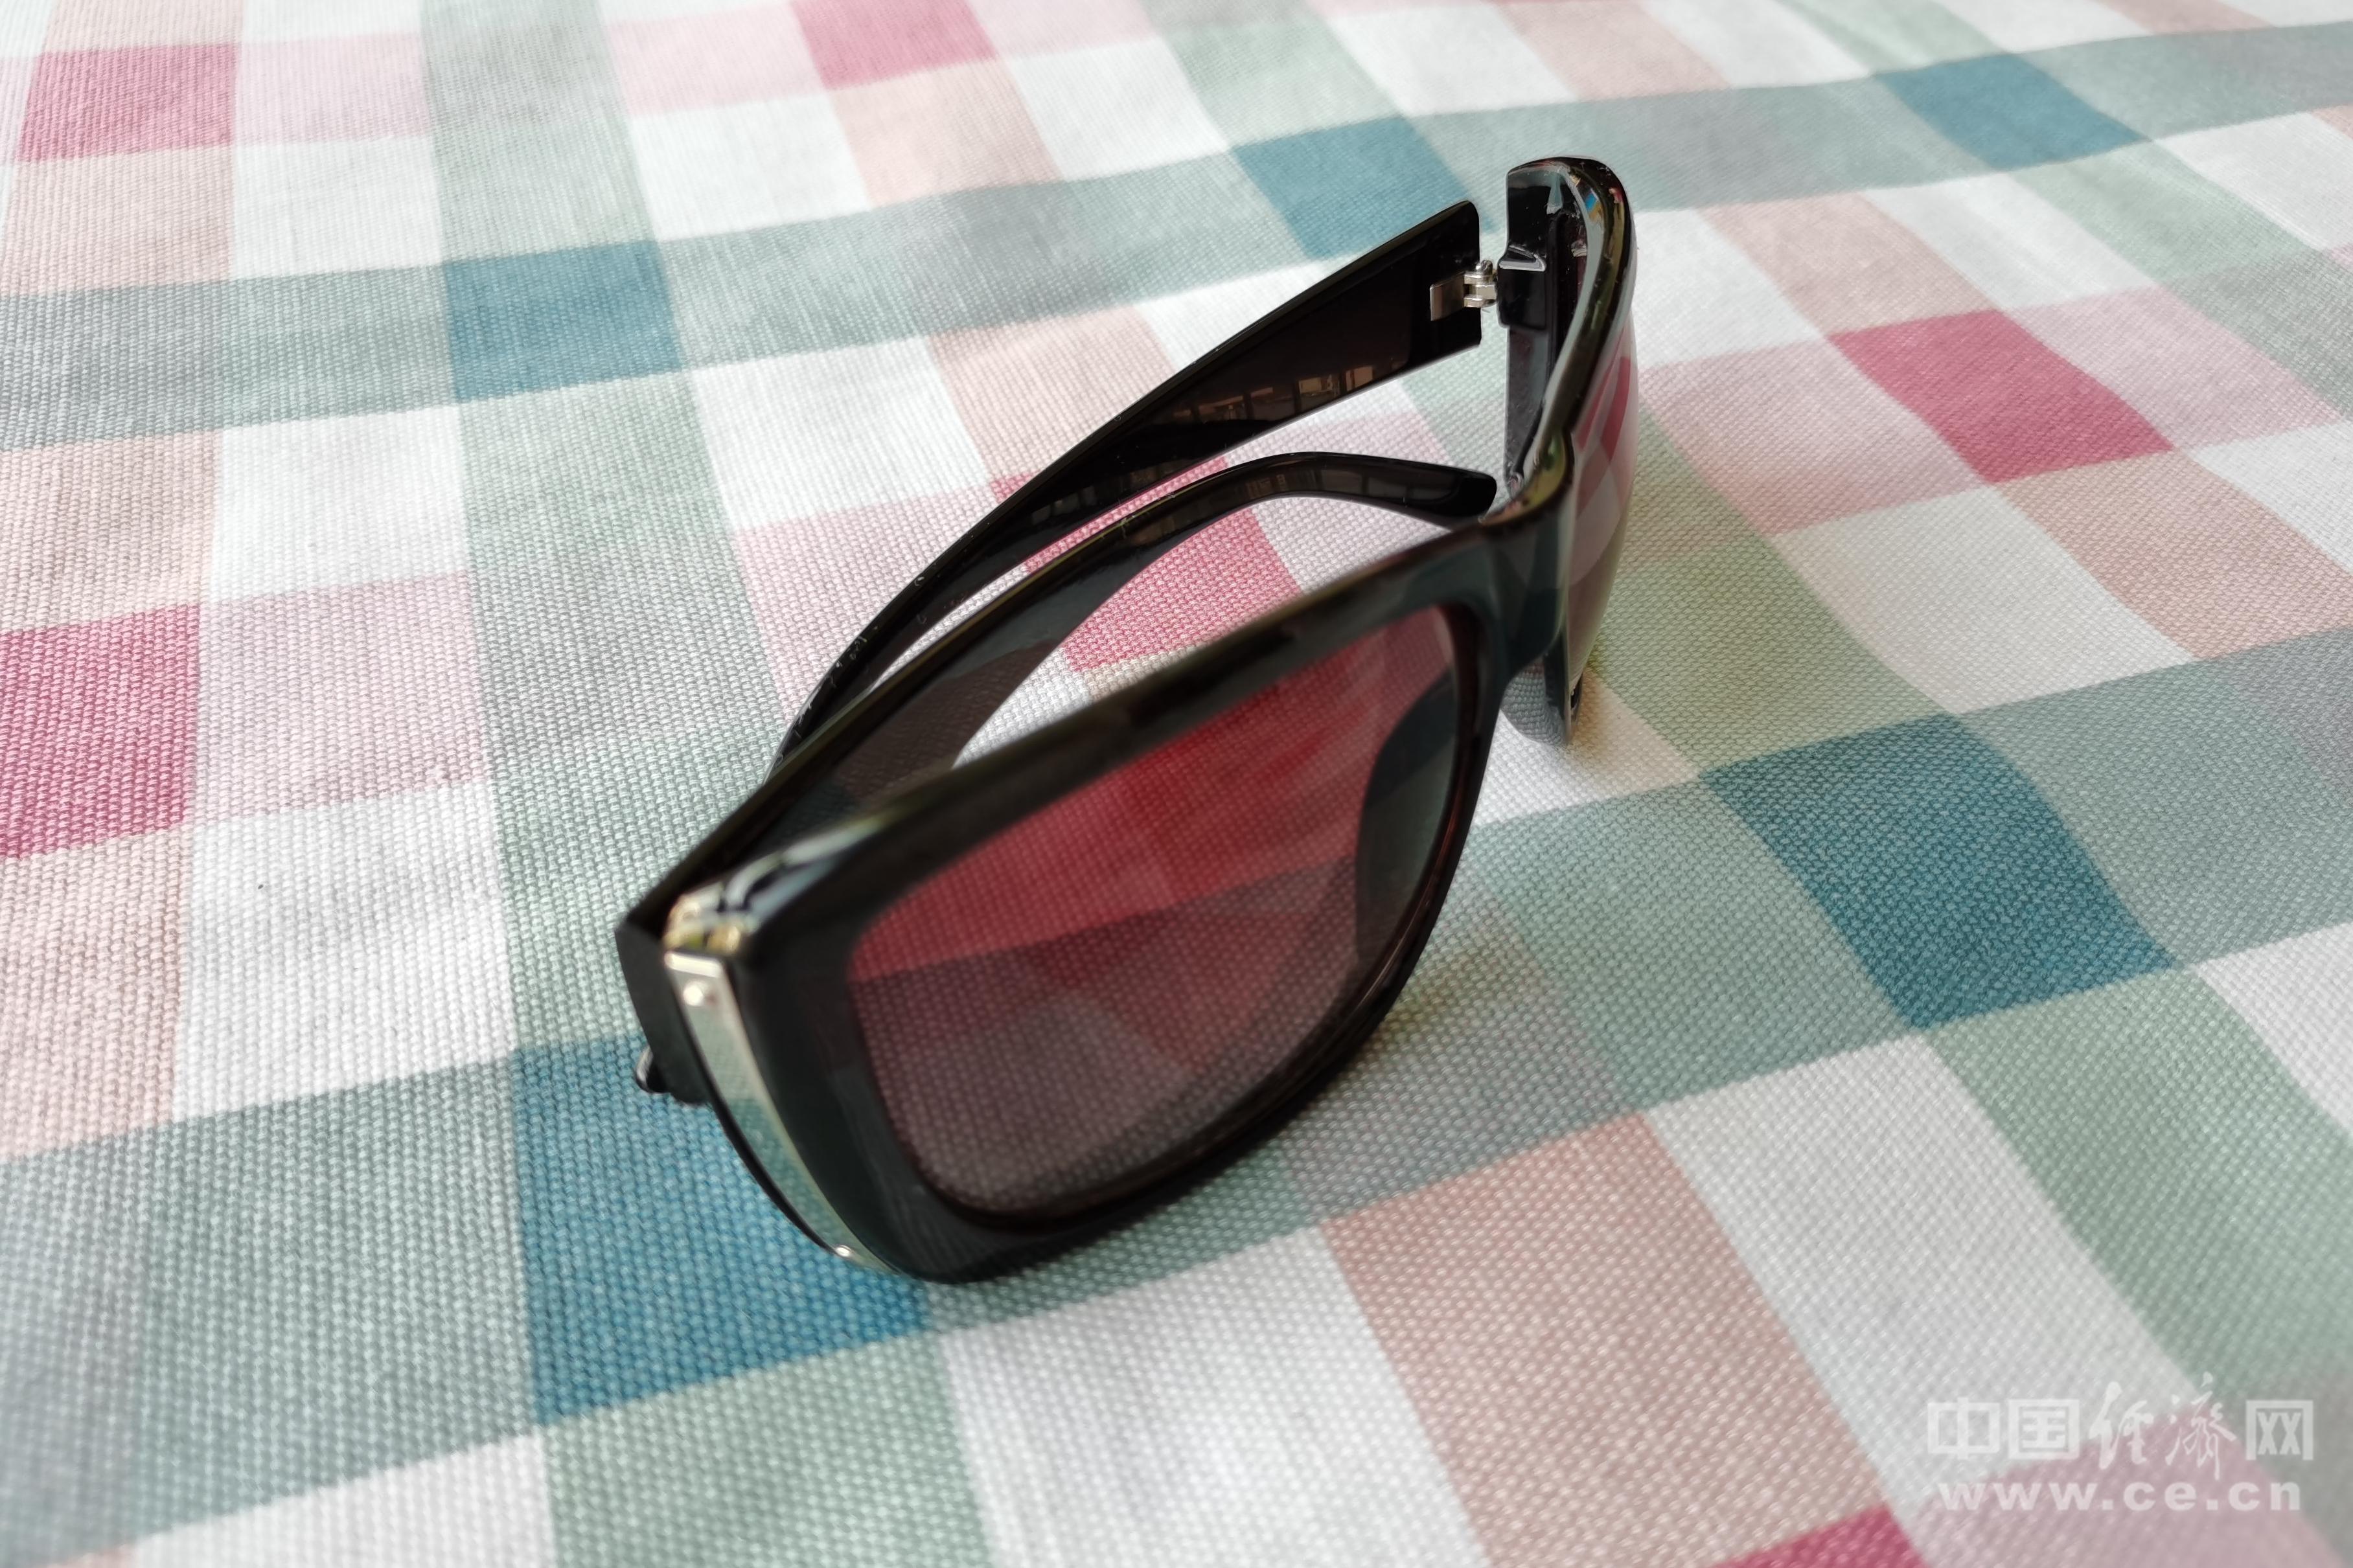 劣质太阳镜易伤眼 儿童选购太阳镜注意5点